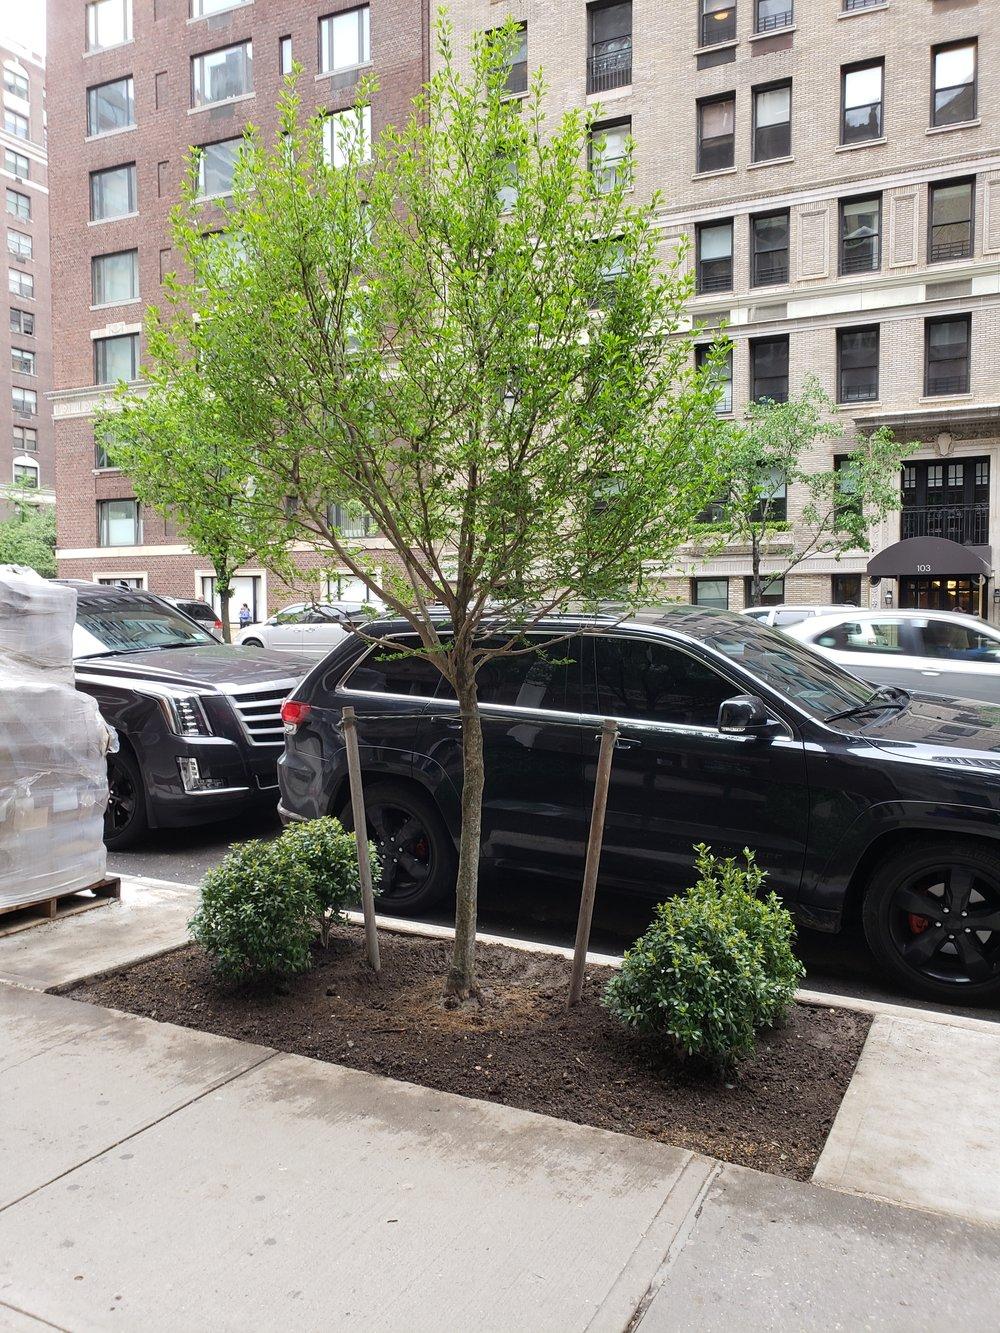 E 86th trees plants 2 5 16 18.jpg